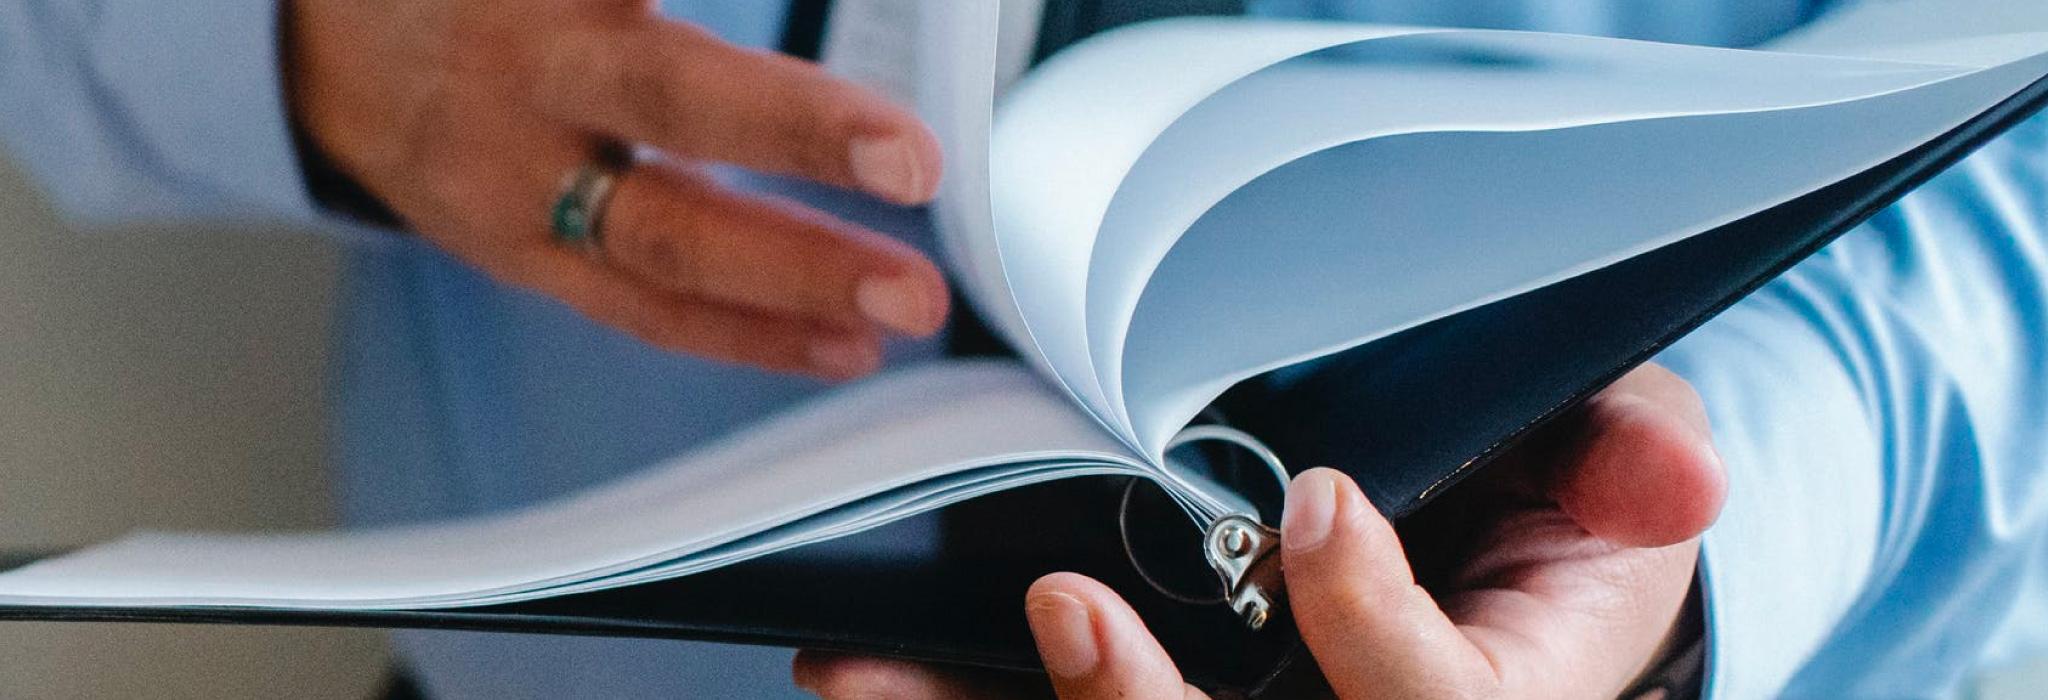 studio legale carriero diritto civile e commerciale